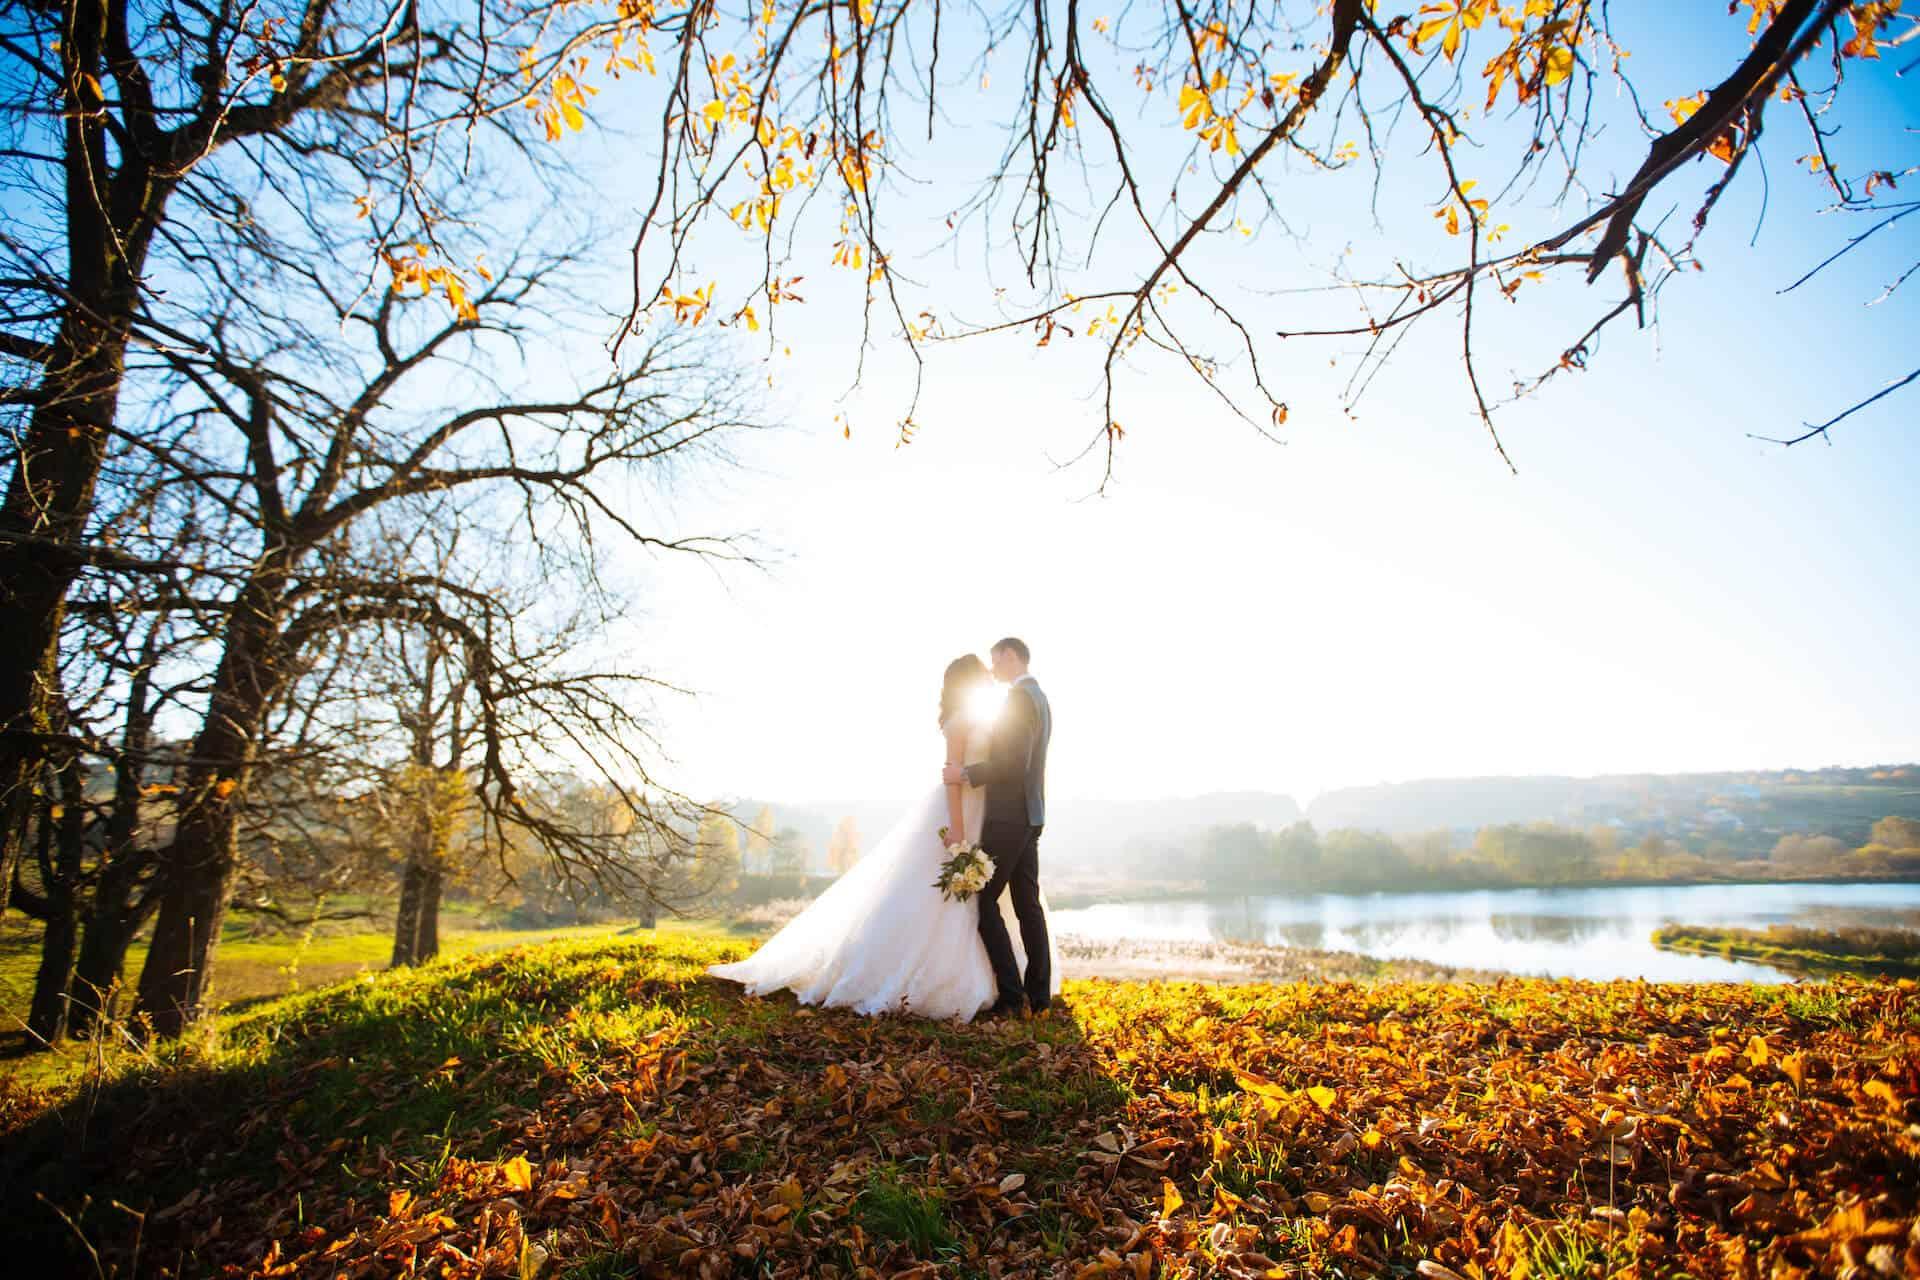 Svatební pár a nádherná podzimní scenérie zalitá sluncem